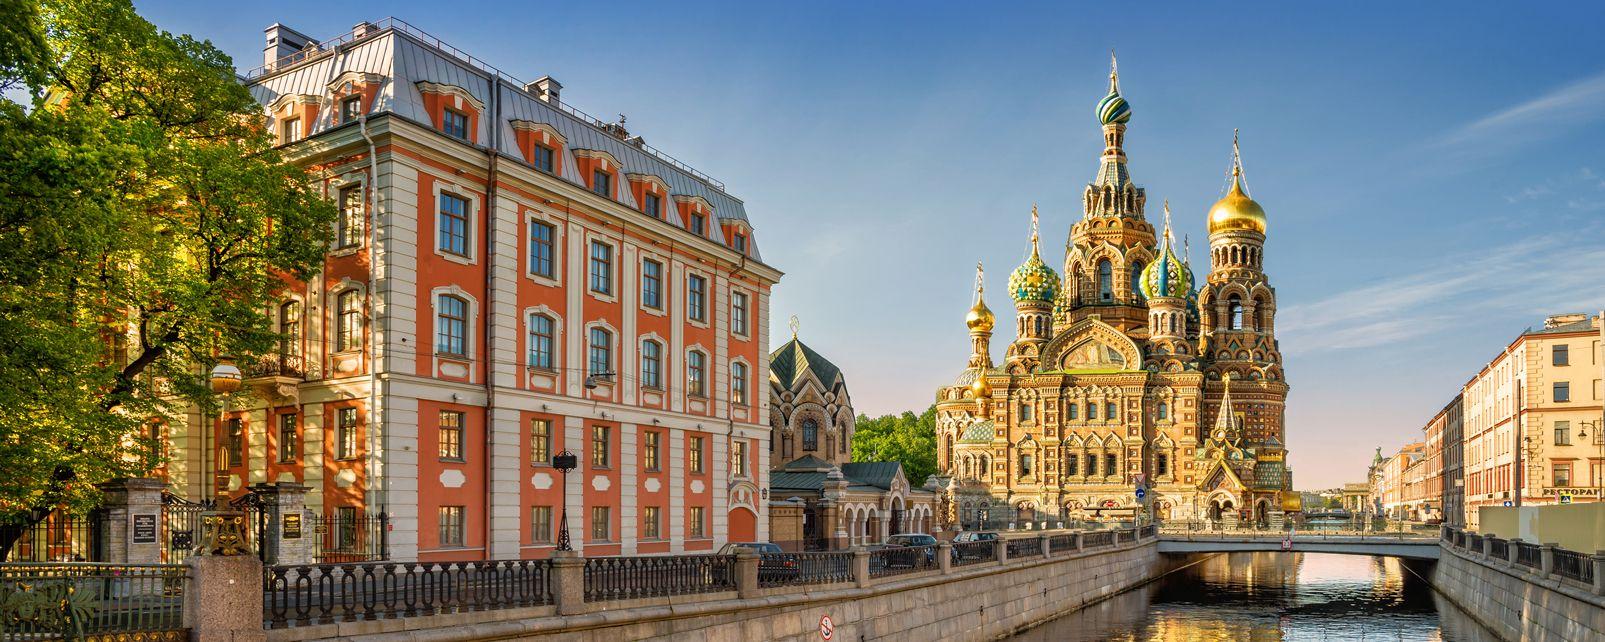 Les plus beaux lieux de culte en Russie Cath%C3%A9drale-saint-sauveur-saint-pet